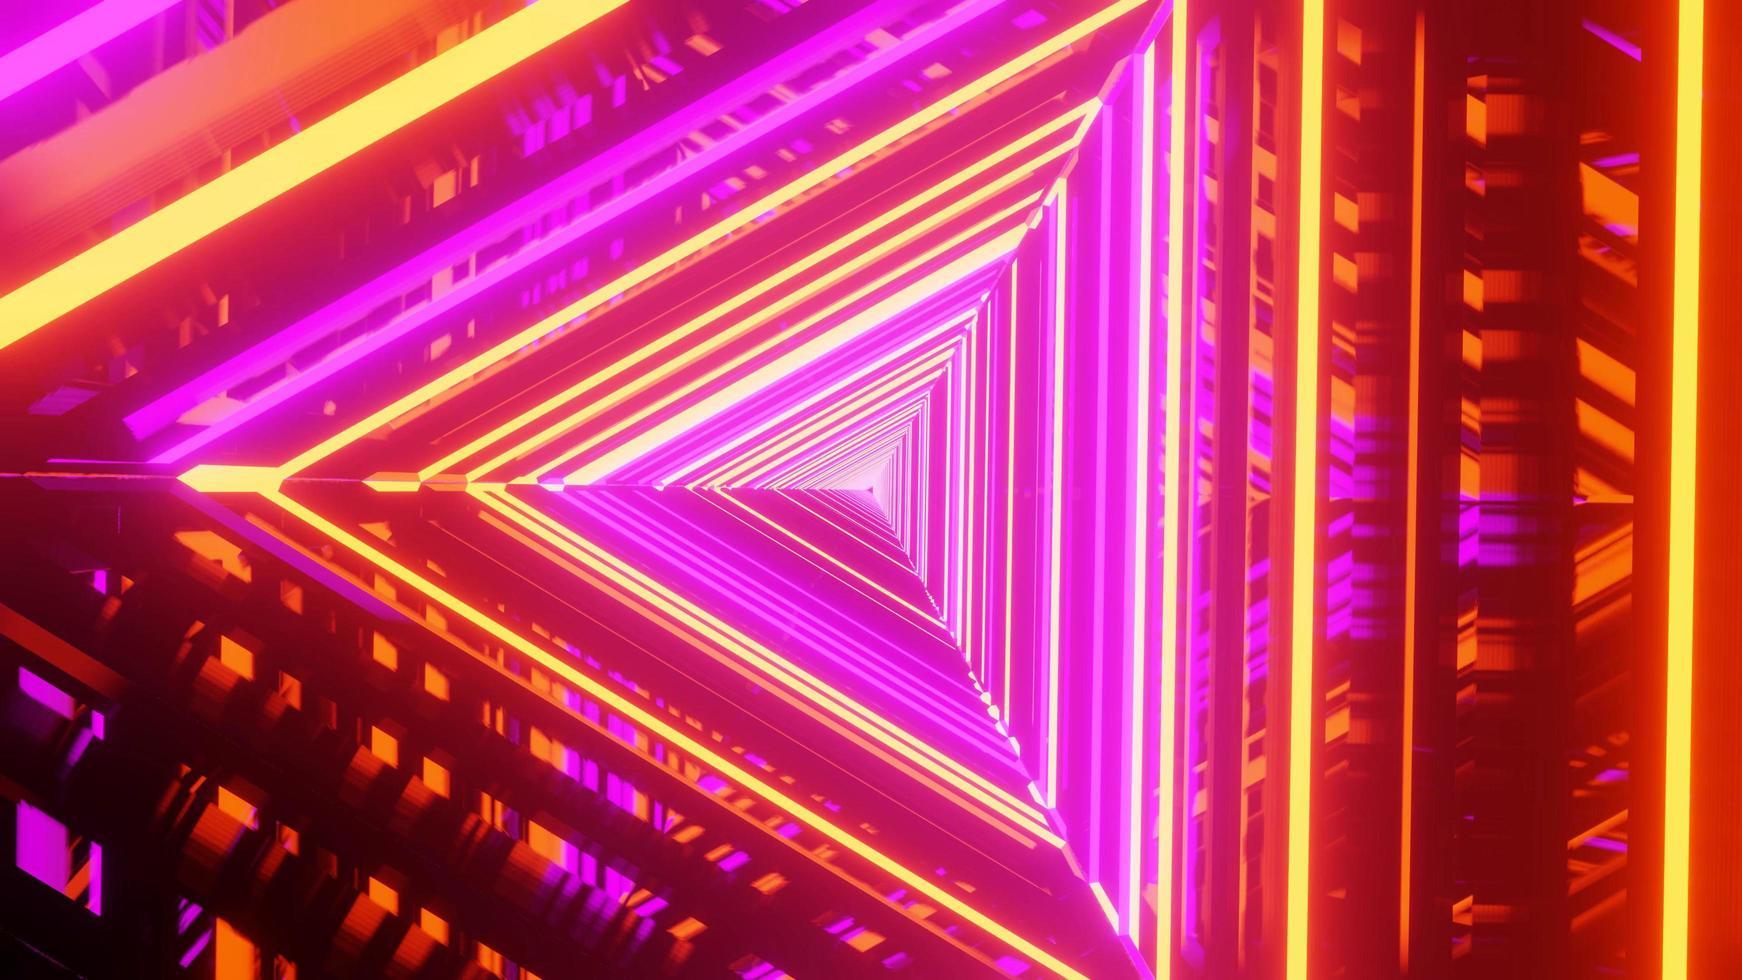 ilustração 3D de luzes brilhantes espelhadas foto